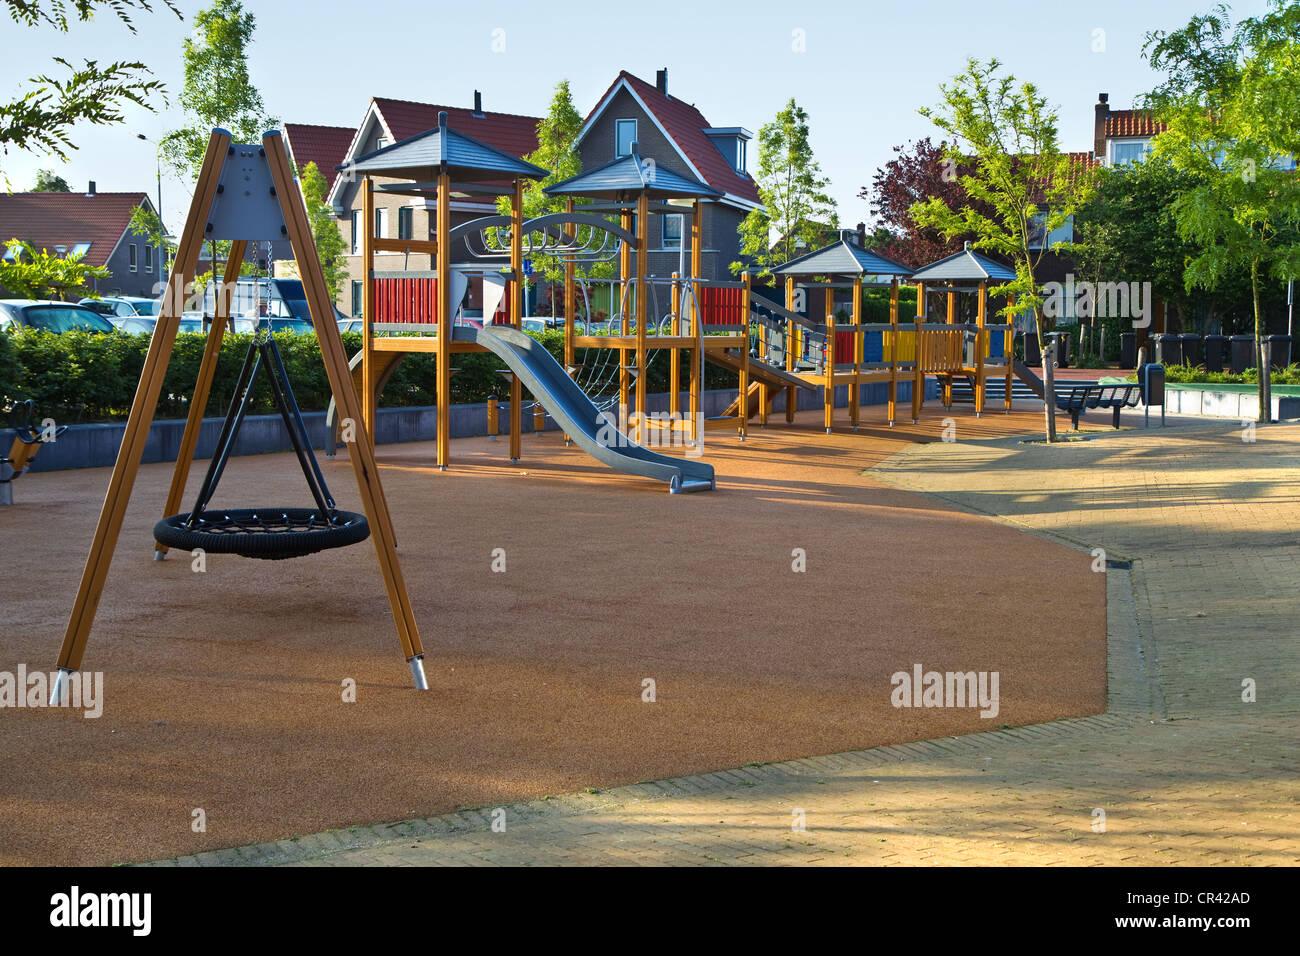 c4a0bf63b Parque infantil público con coloridos de madera de construcción de  escalada, columpio, toboganes y piso de caucho para jugar de forma segura